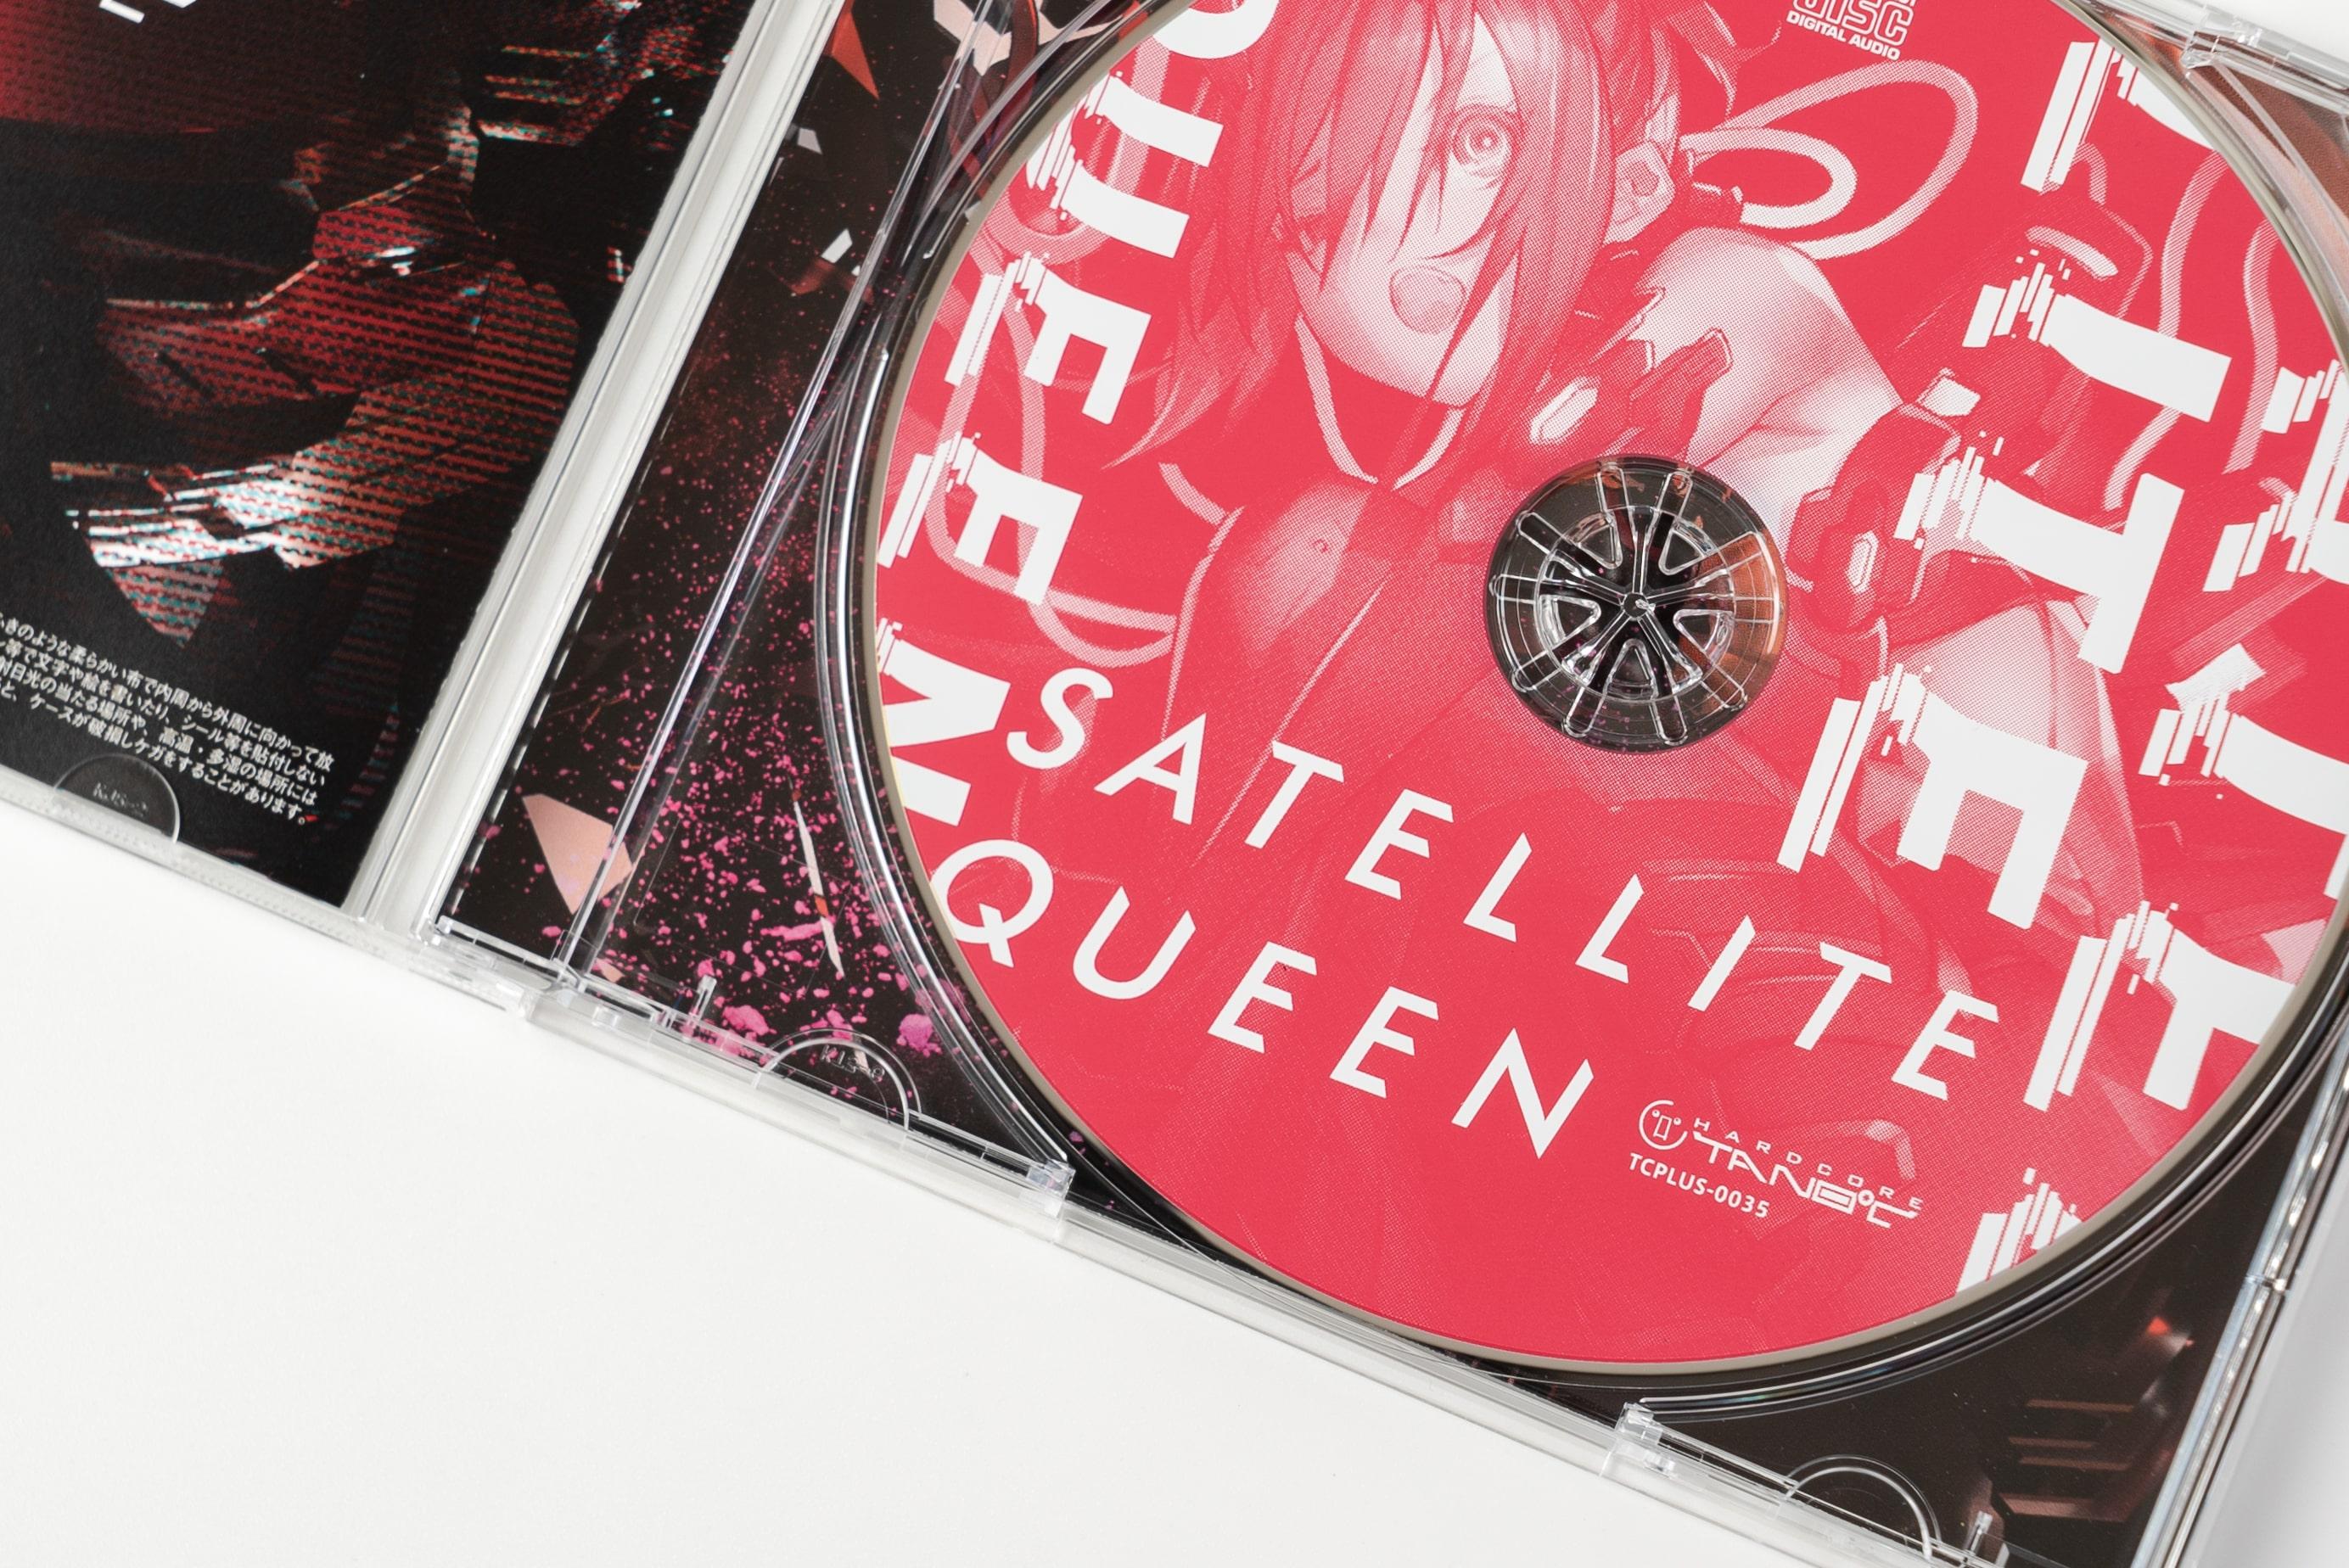 HARDCORE TANO*C/Satellite Queen